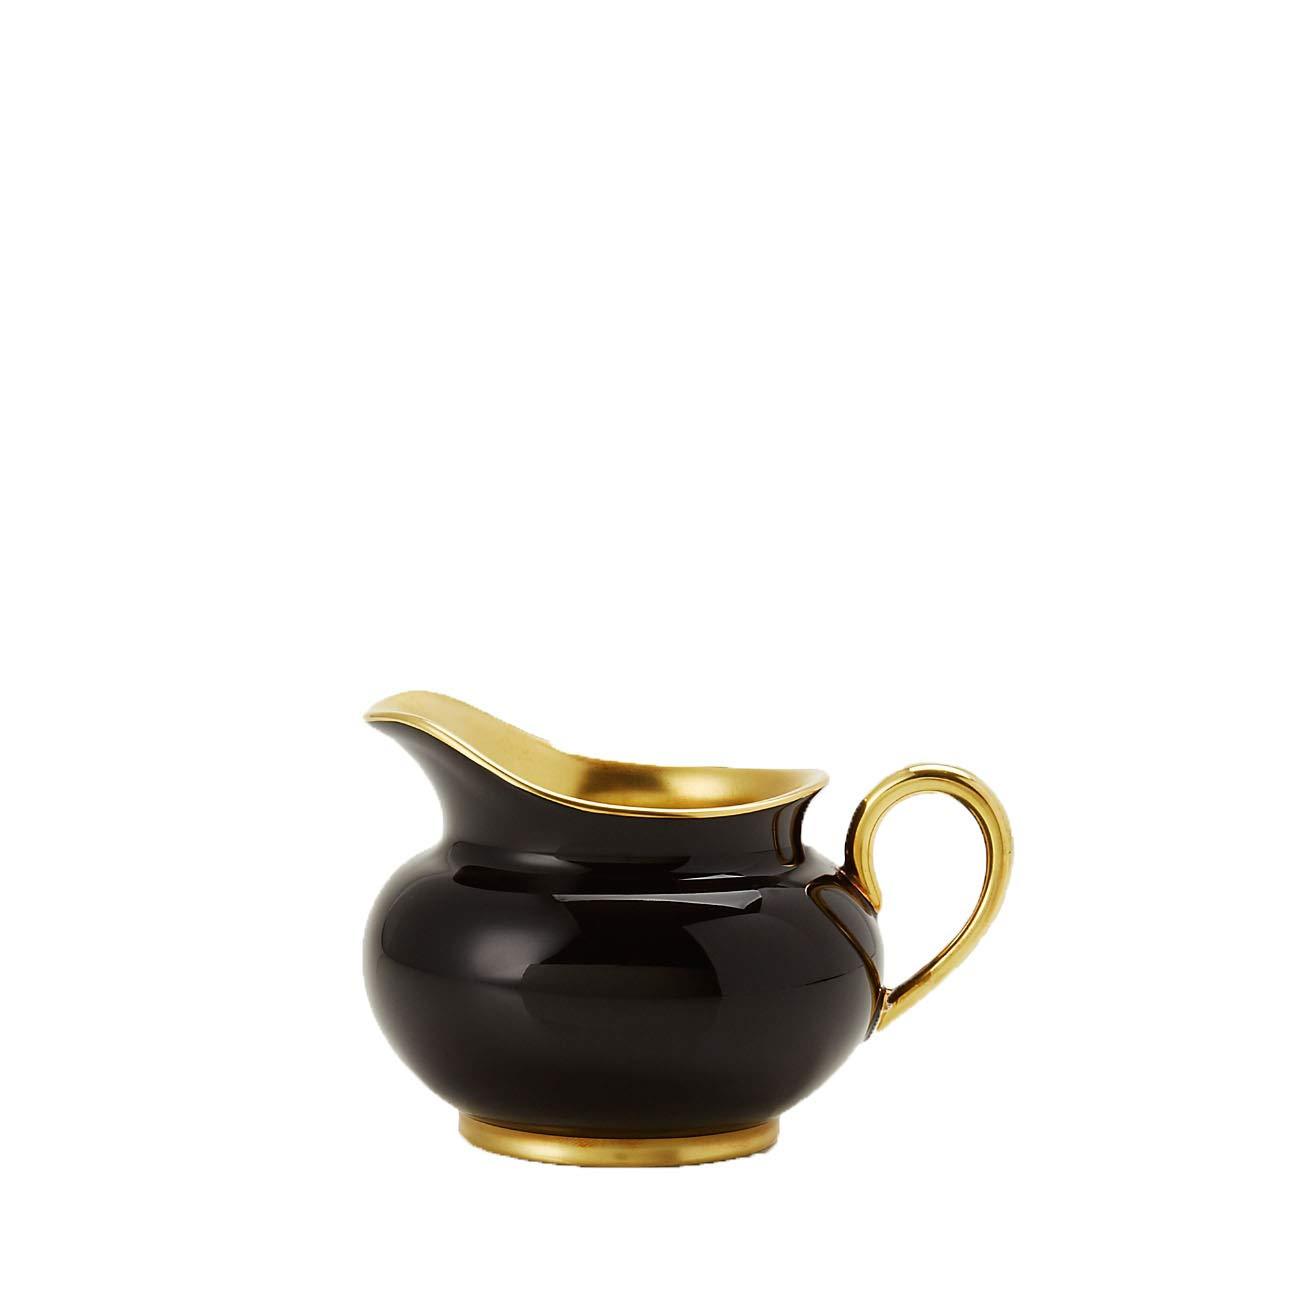 Haviland Laque de Chine Creamer (Black)